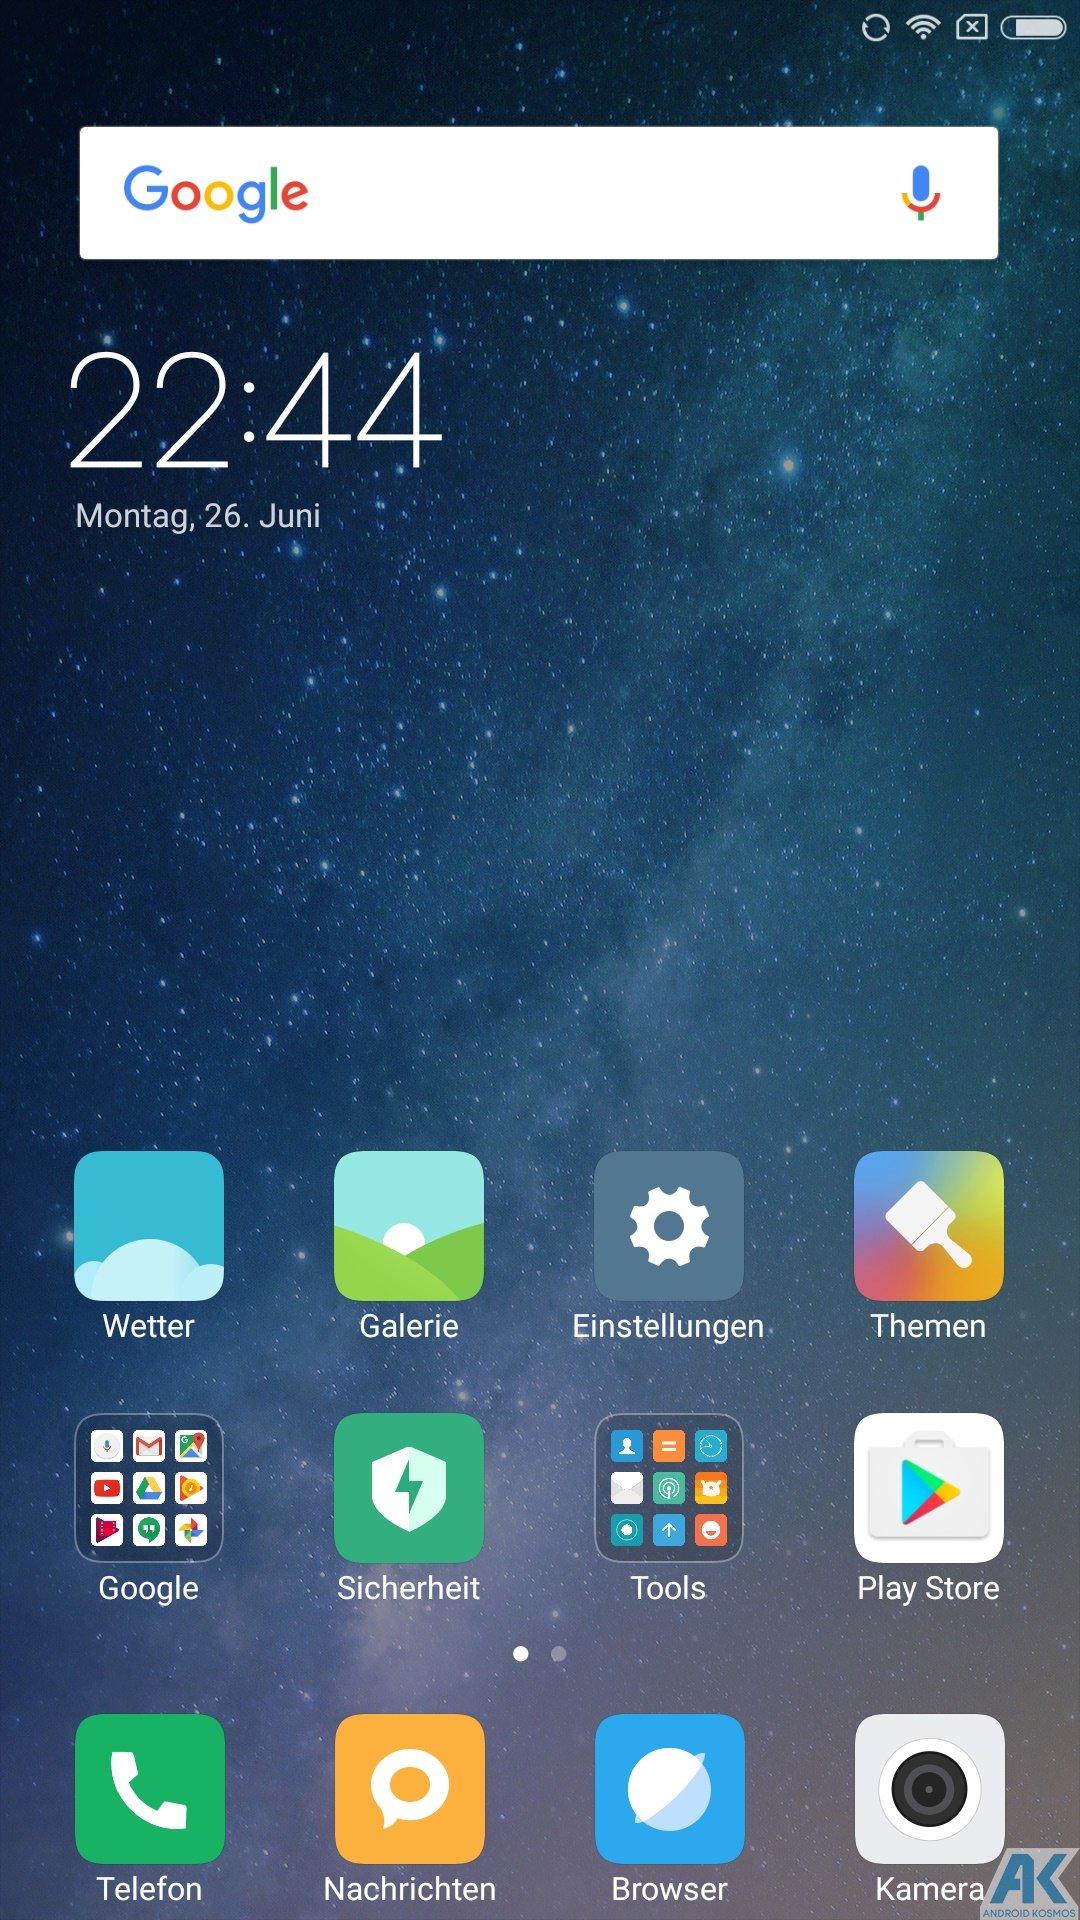 Xiaomi Mi Max 2 Test: Das Phablet ist ein wahrer Akkugigant 30